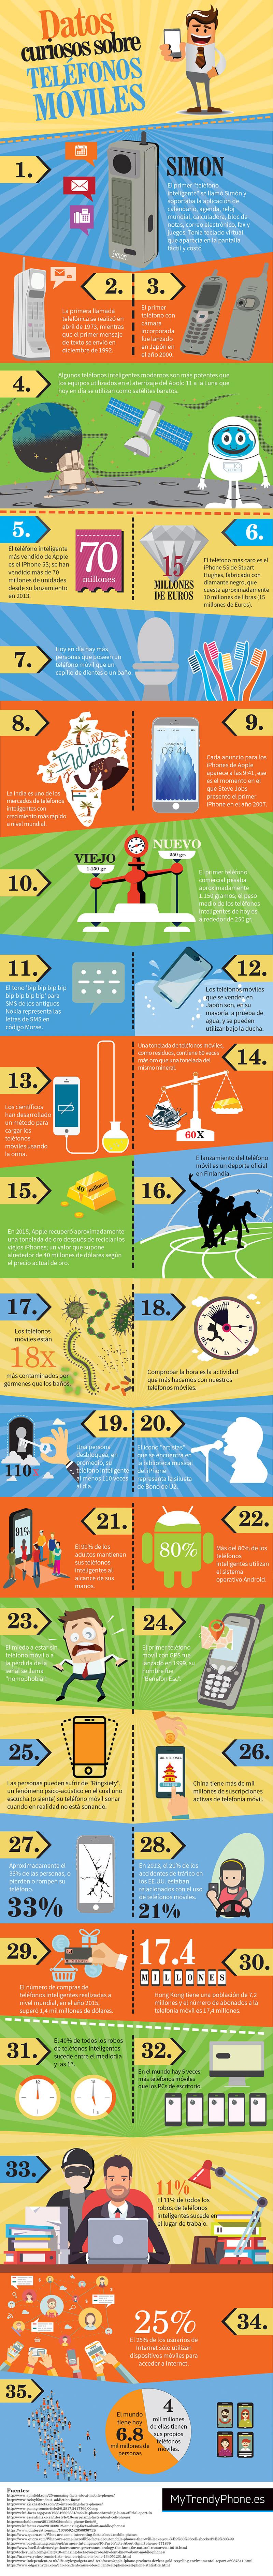 Infografía: Datos curiosos sobre teléfonos móviles